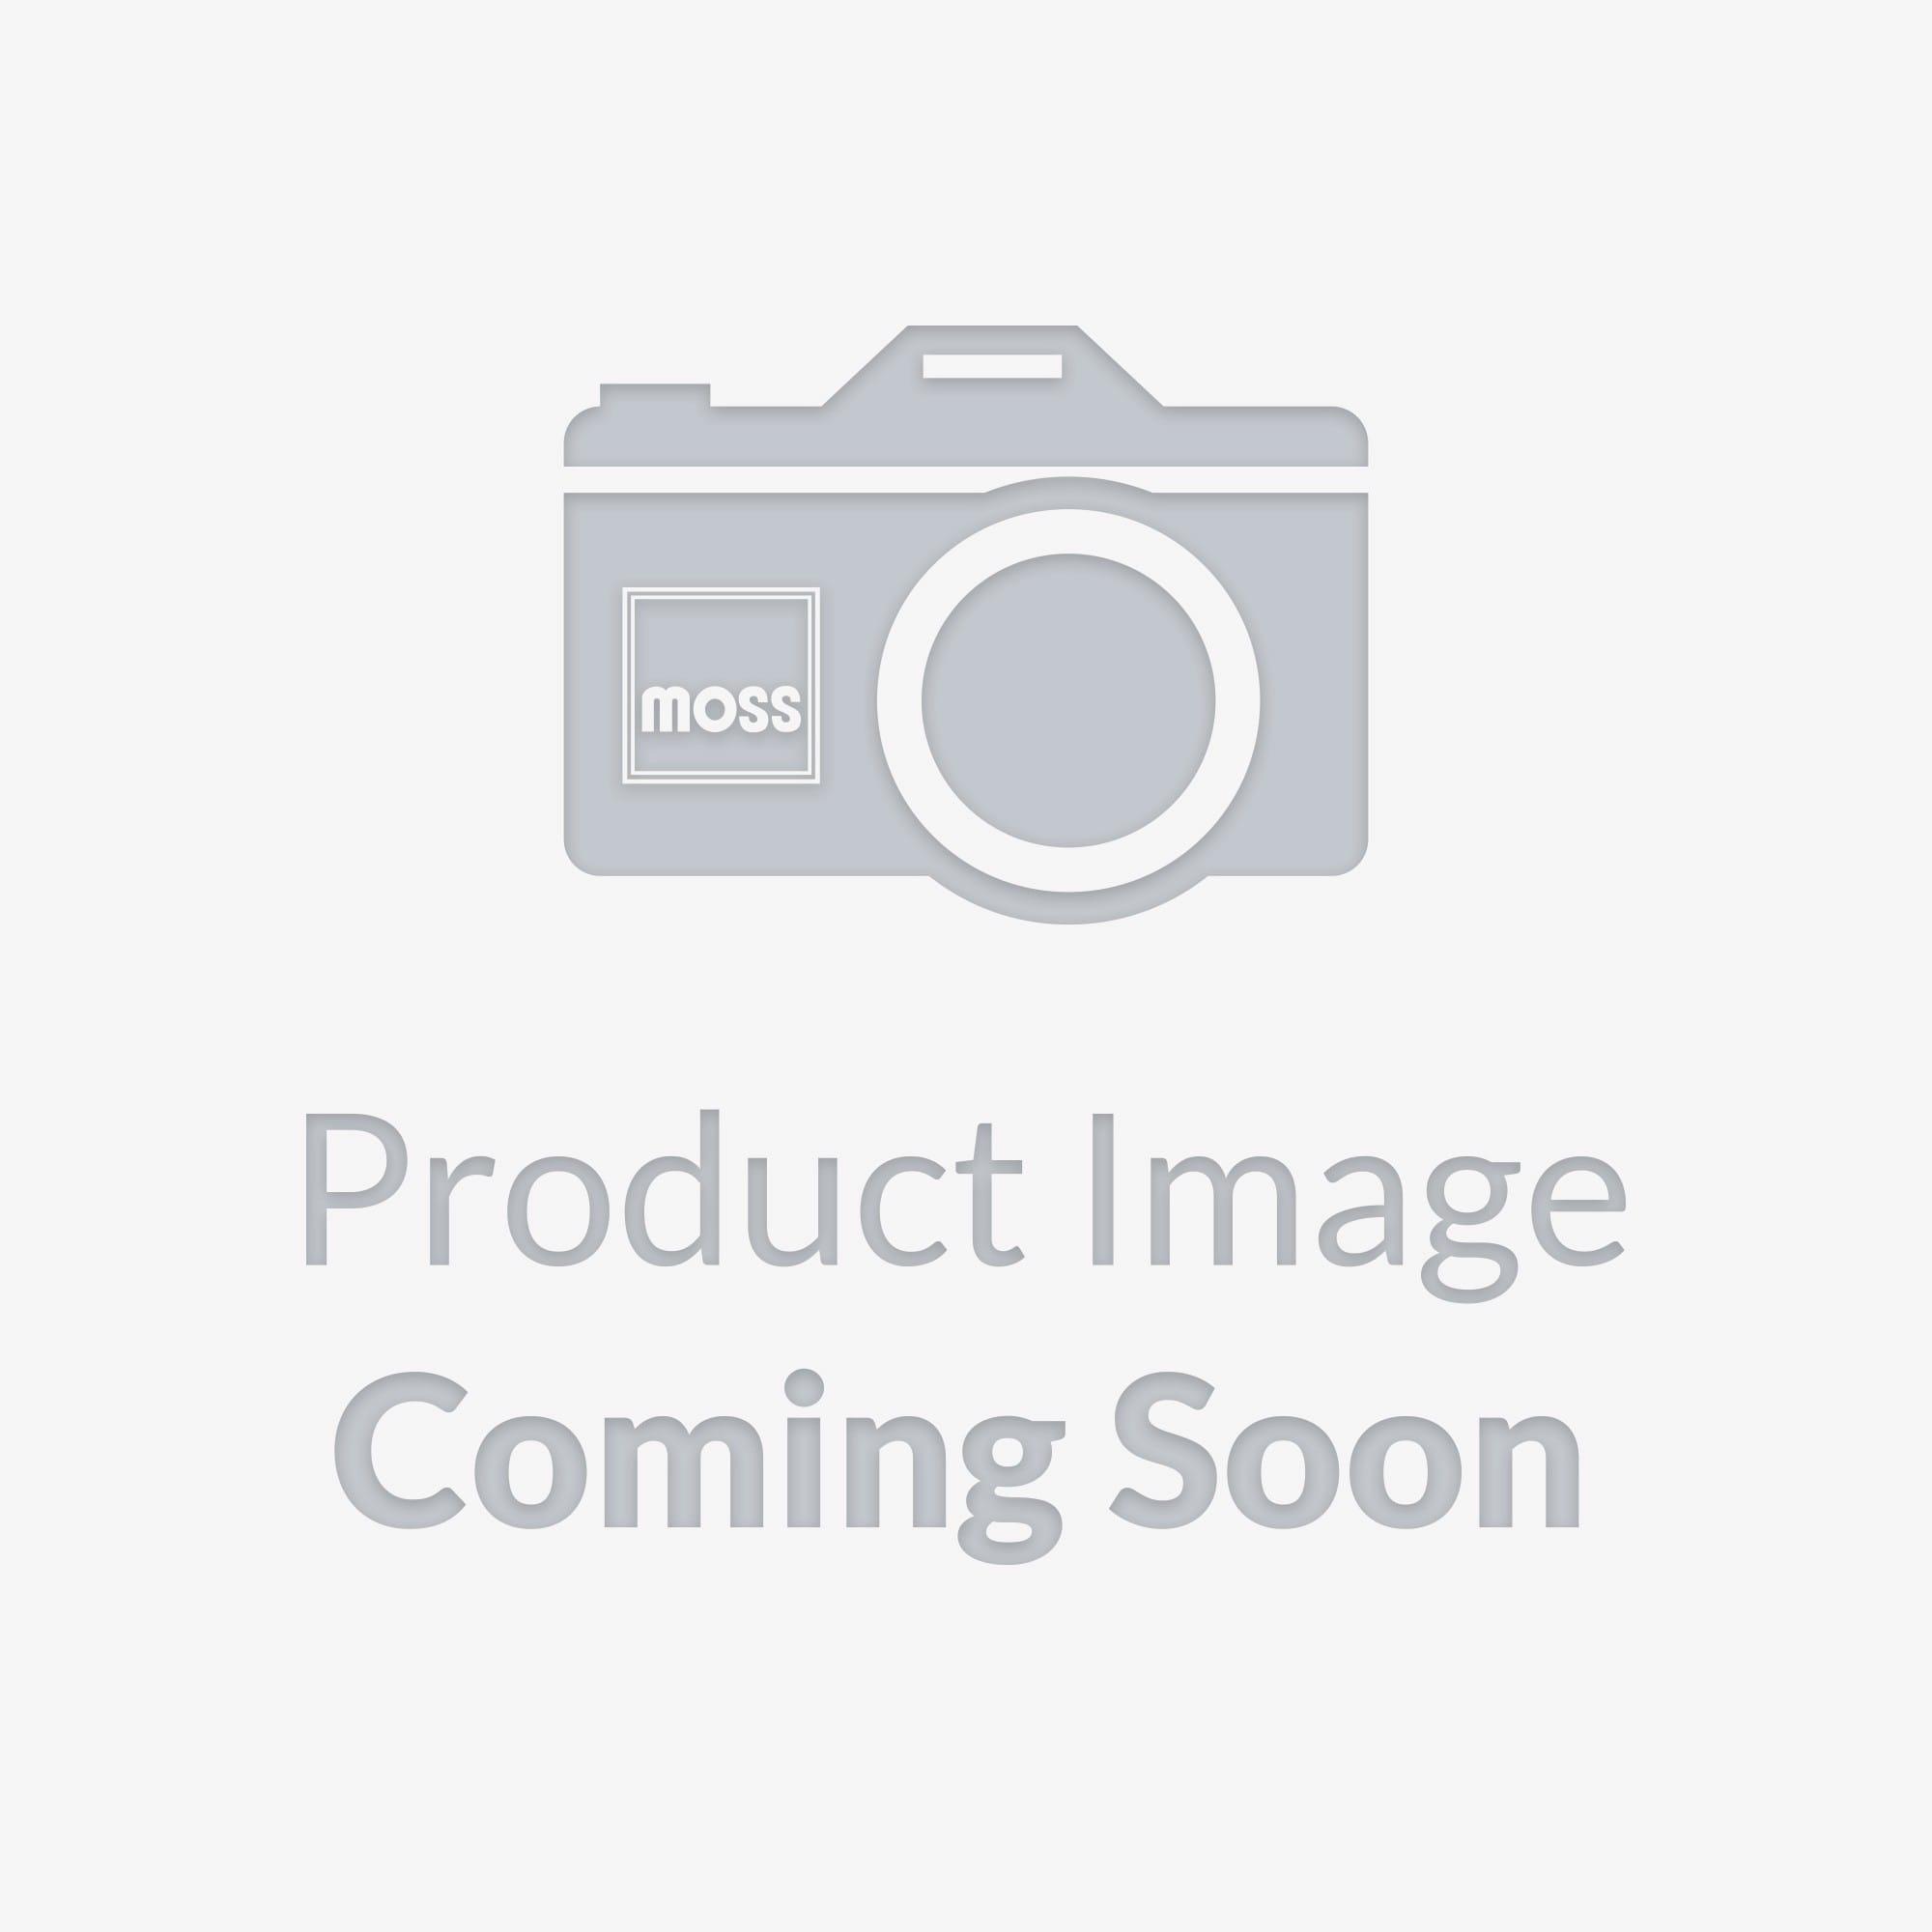 Bleeding Brakes Order >> 386-225 Air Powered Vacuum Brake Bleeder | Moss Motors